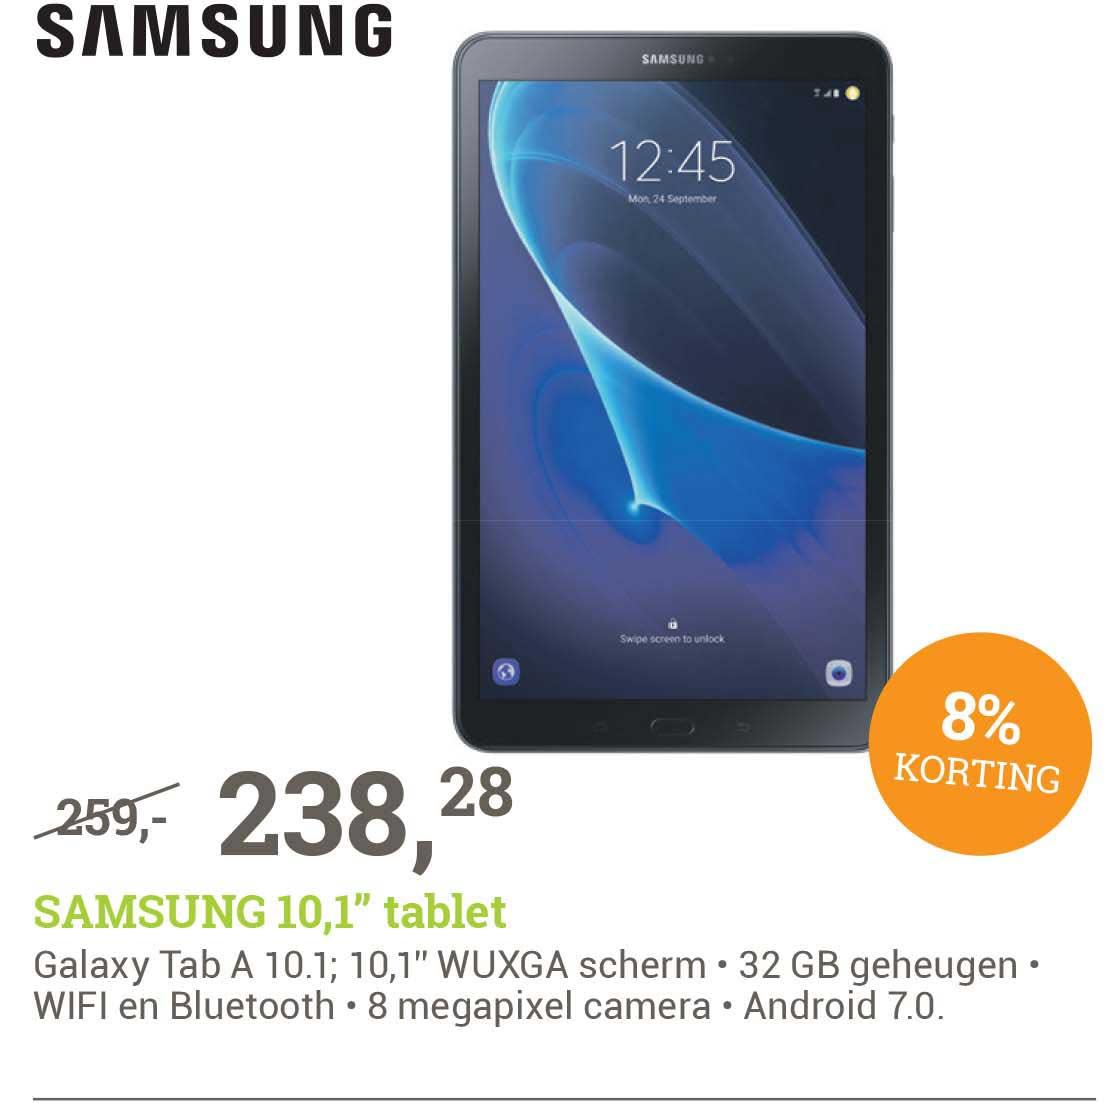 BCC Samsung Galaxy Tab A 10.1